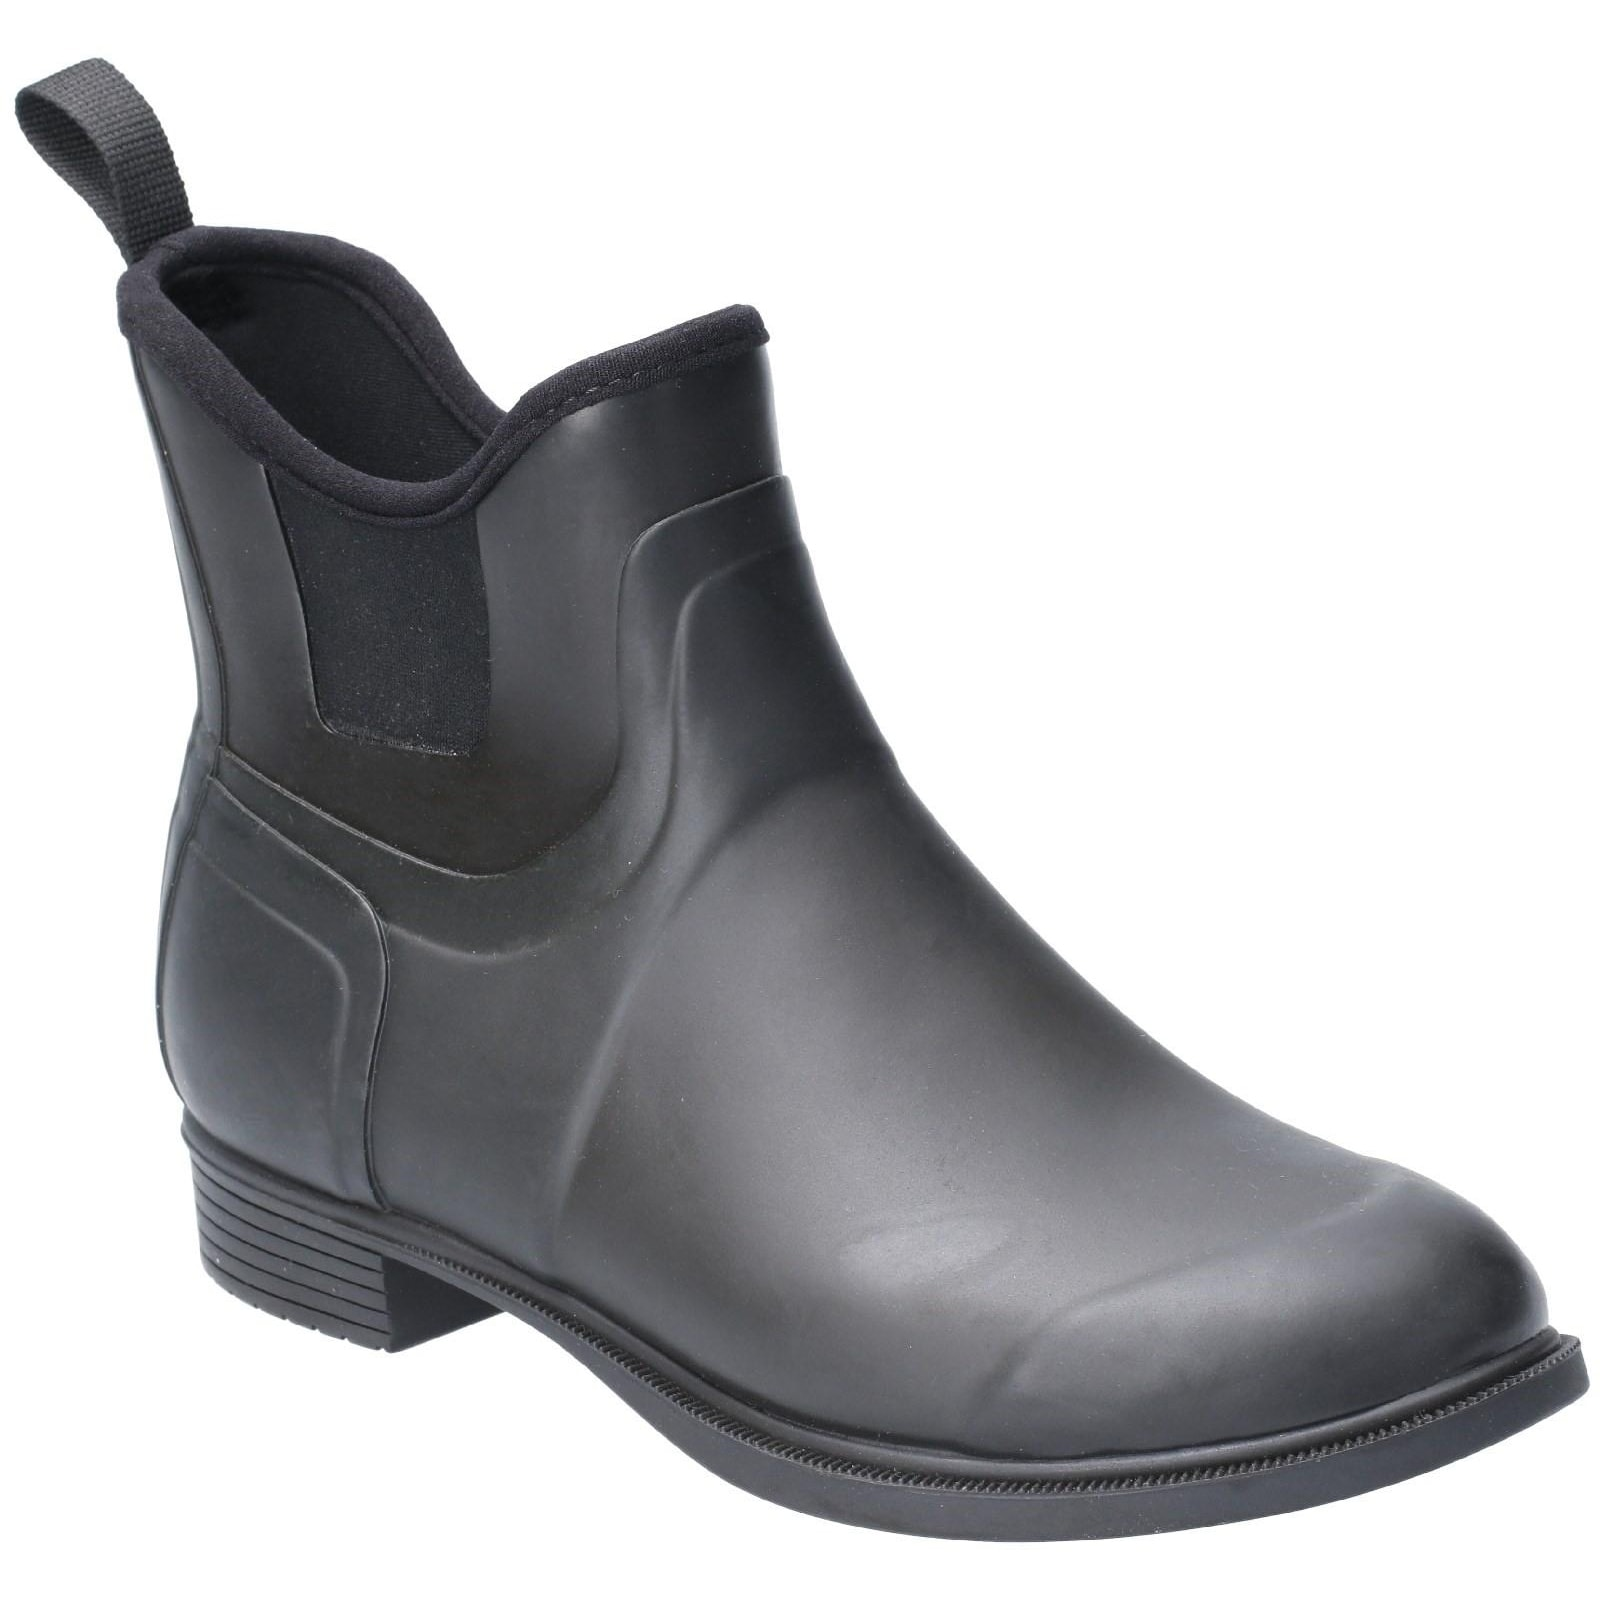 muck boots -  Gummistiefel Damen Derby Neopren-, knöchelhoch